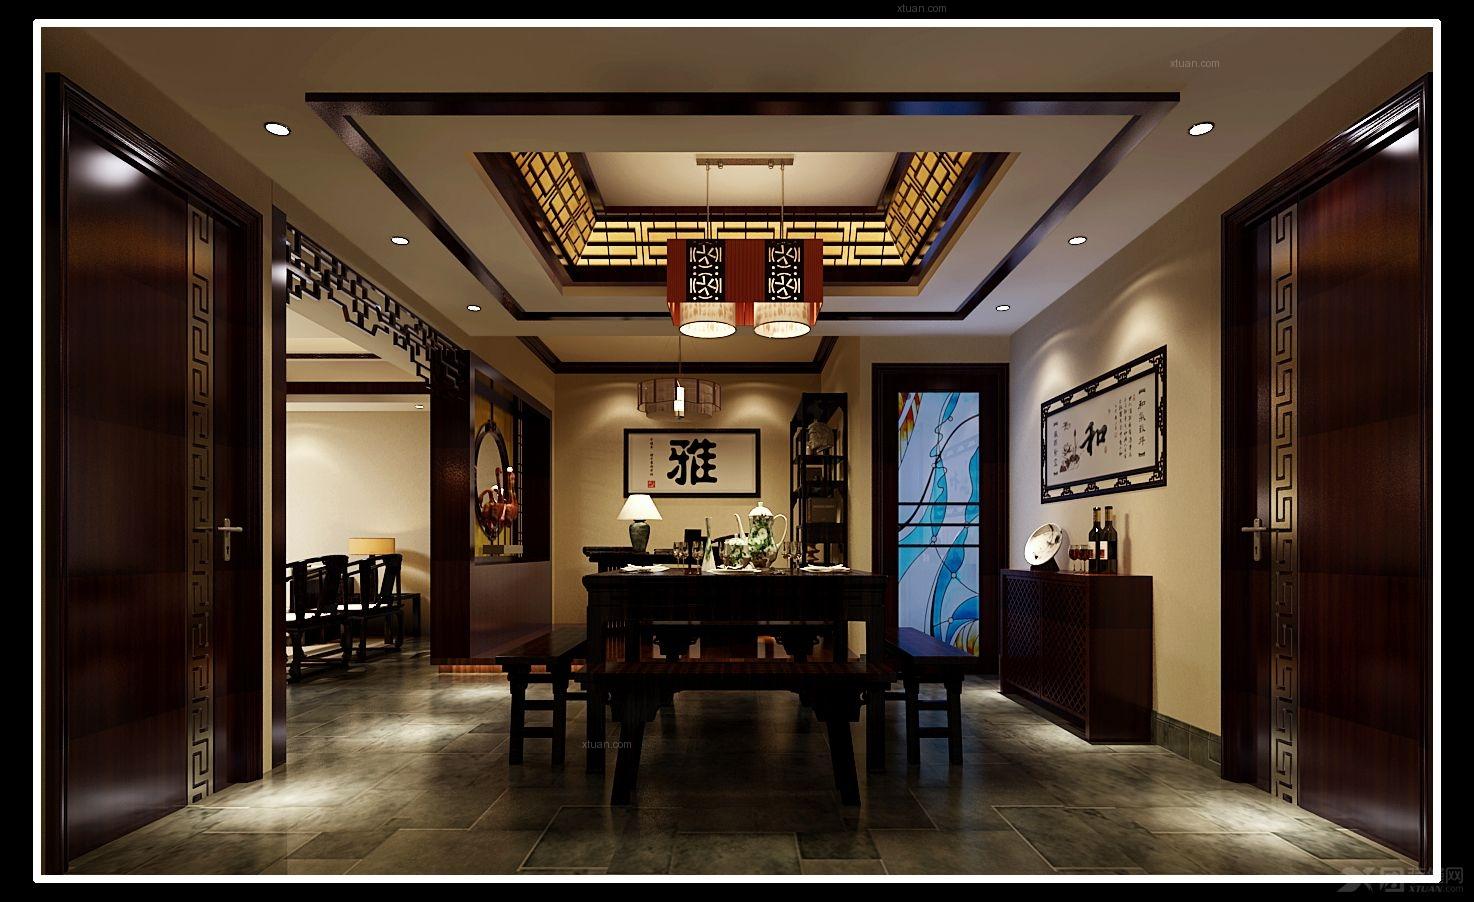 纯古典中式风格运用了屏风及很多中式木格